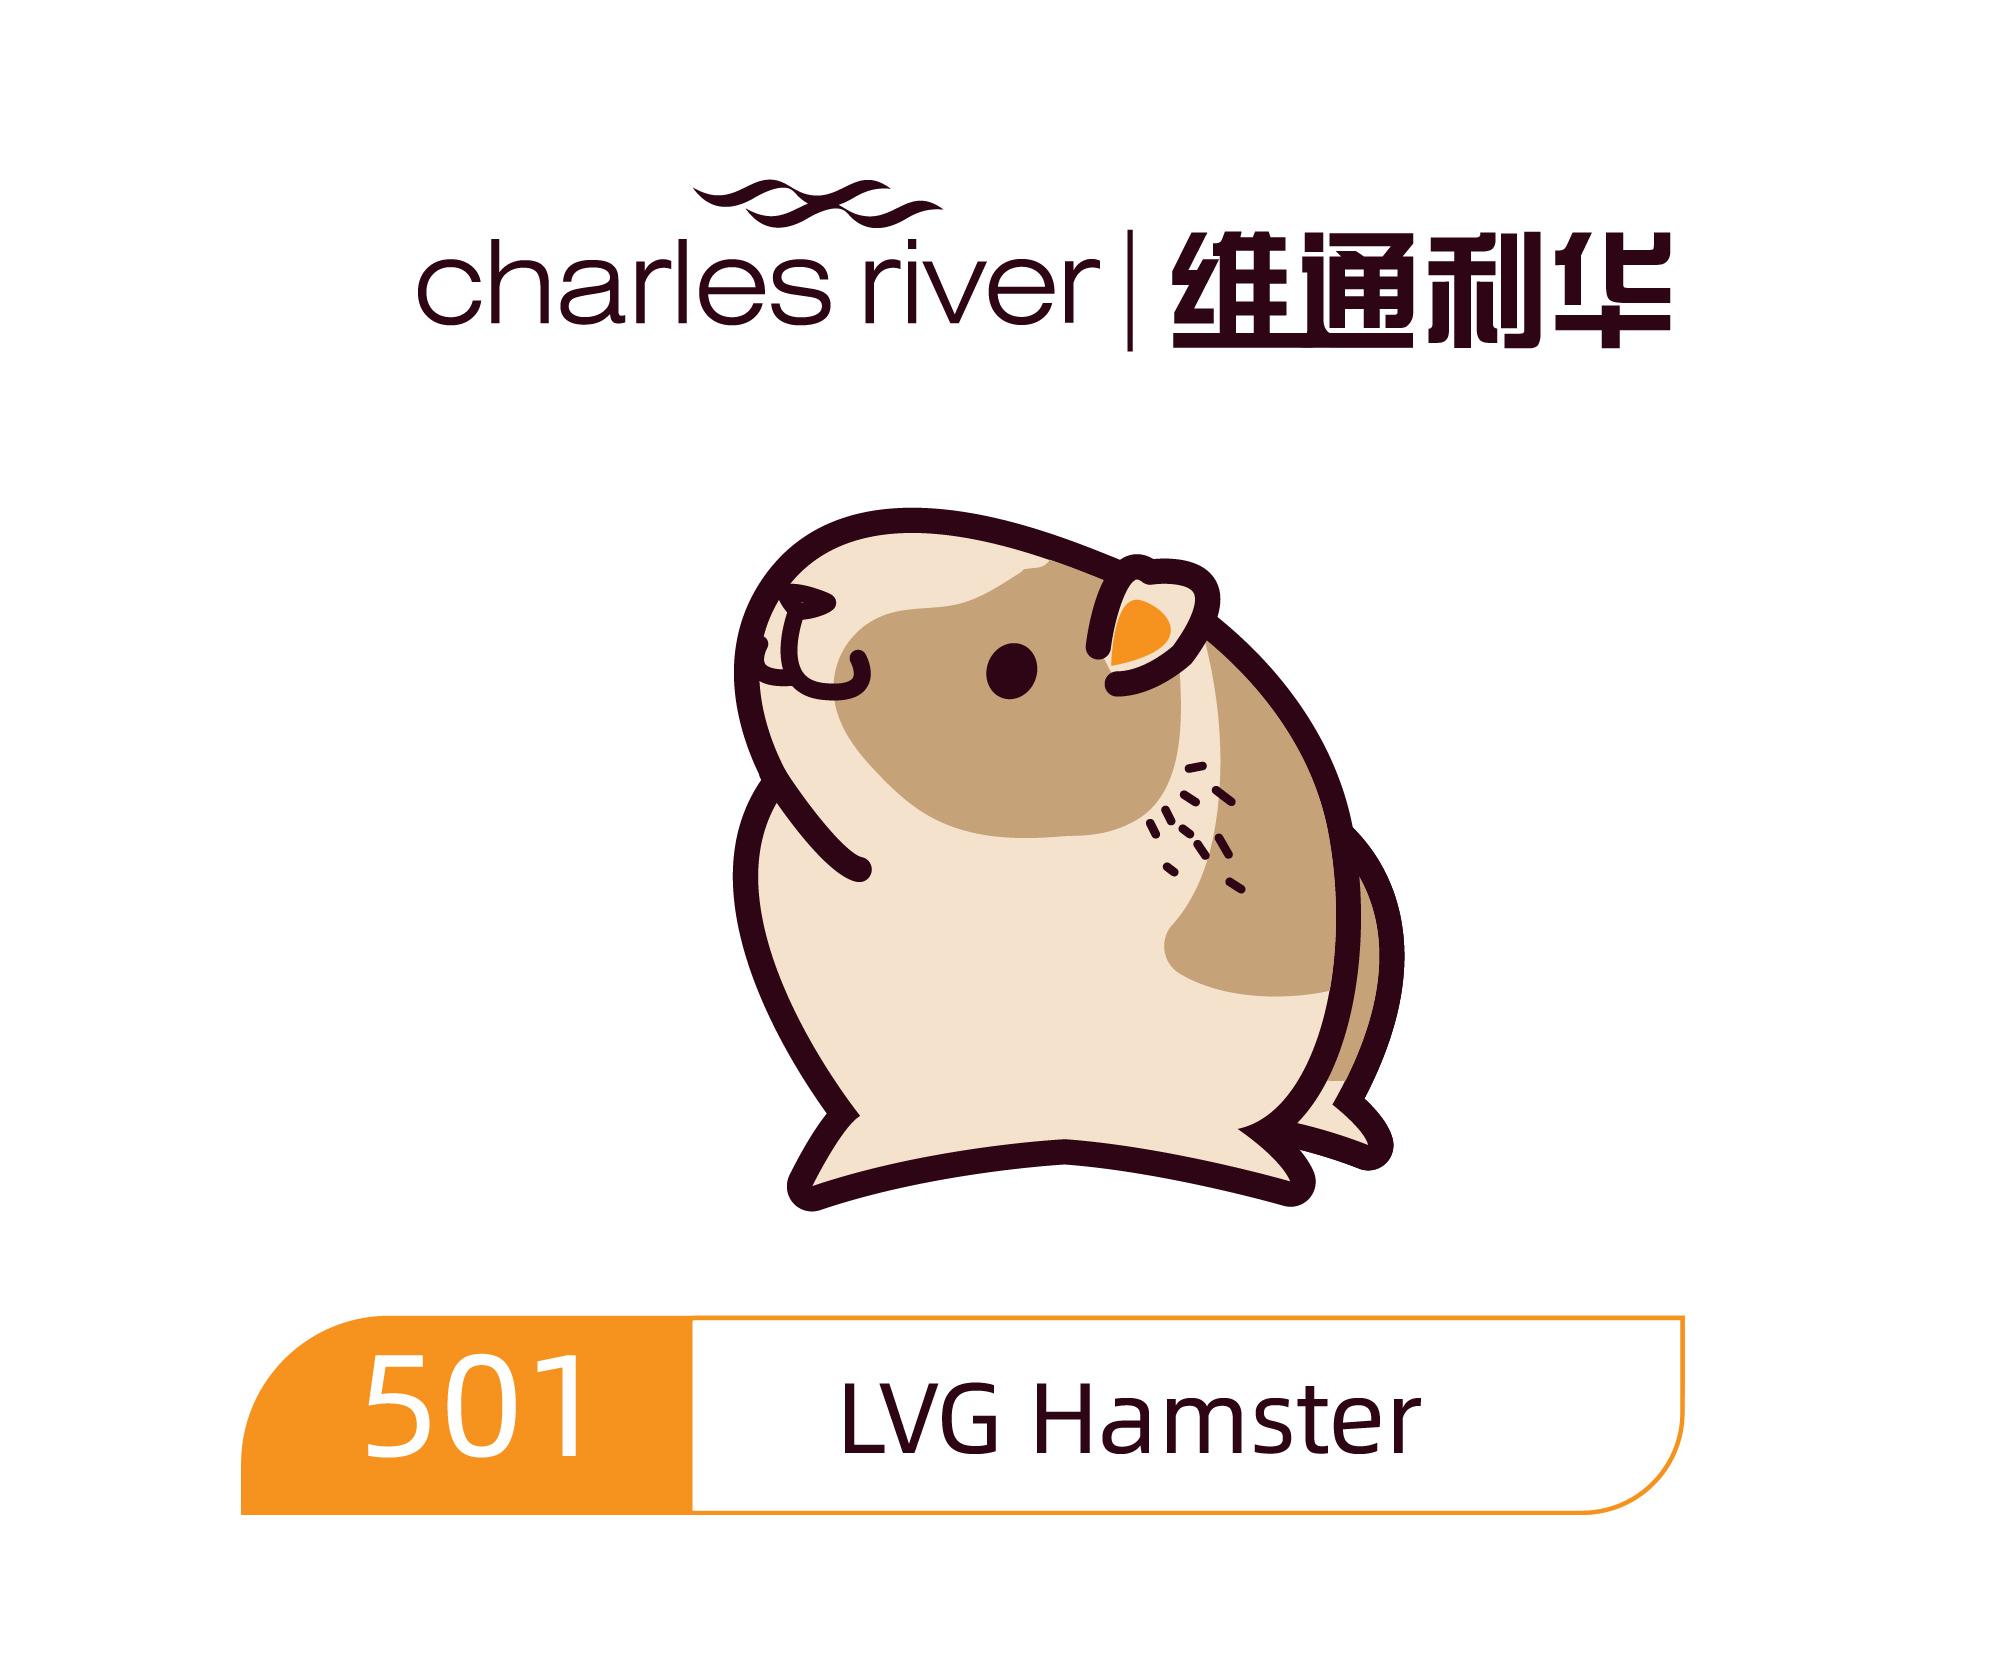 维通利华 LVG Hamster 叙利亚金黄地鼠 SPF级